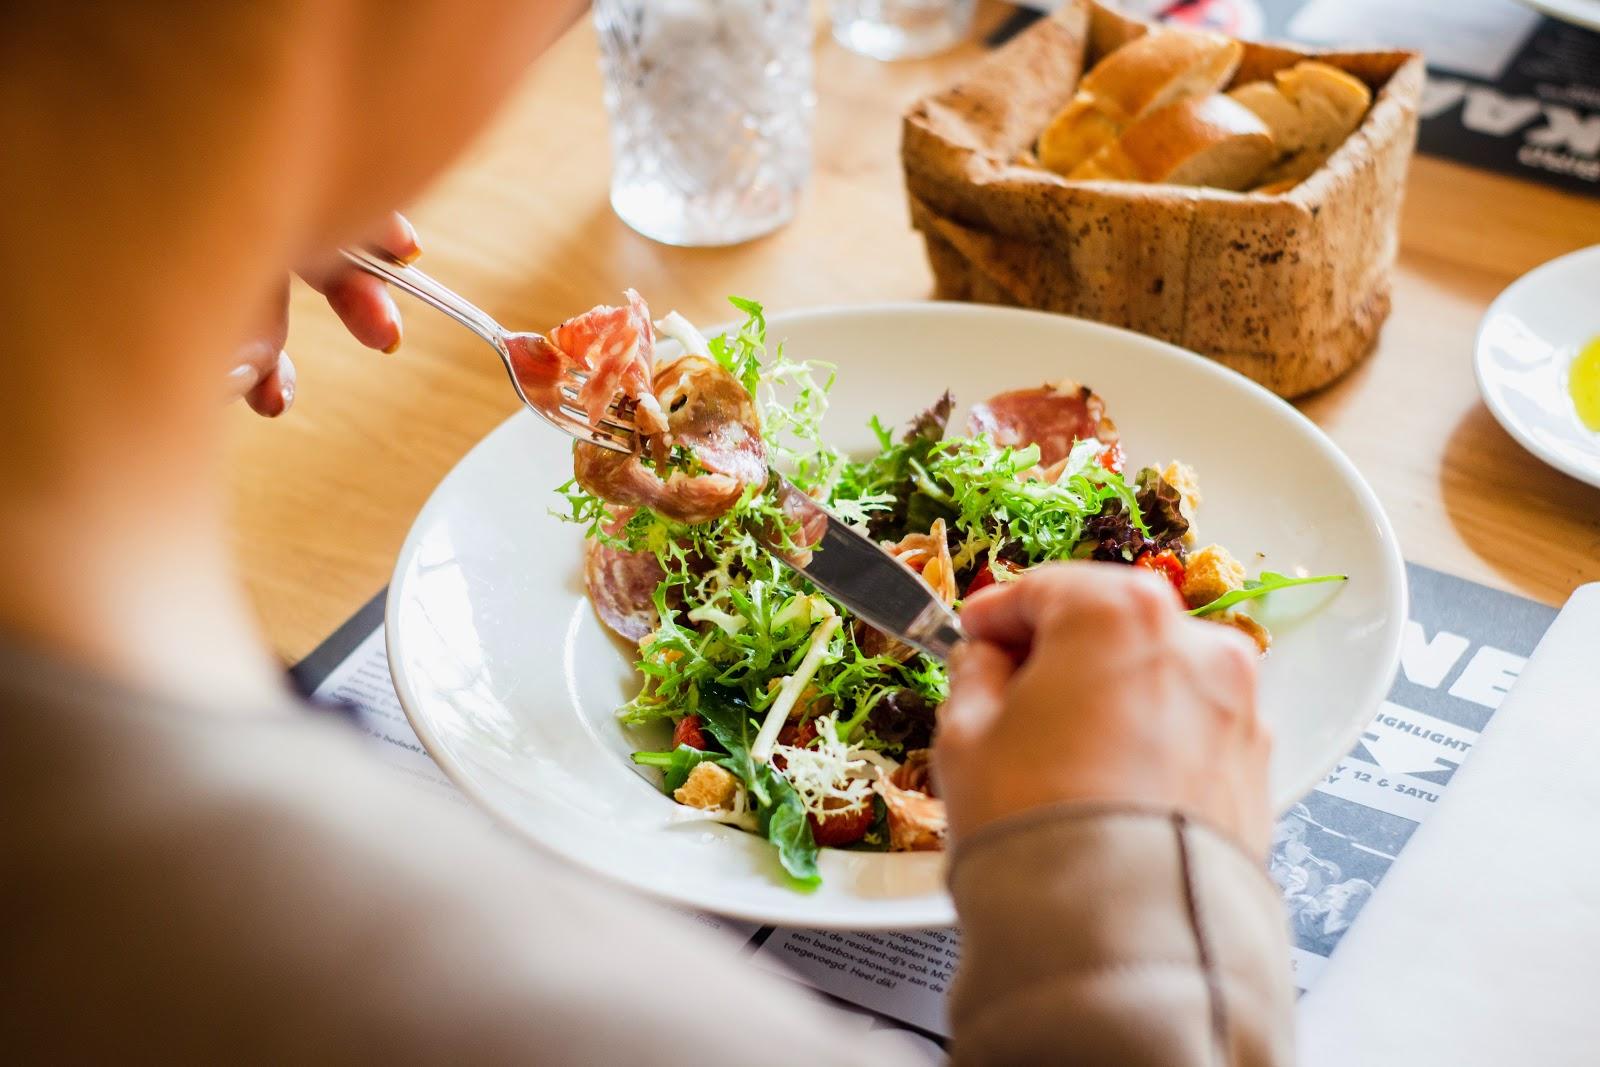 Ist Fett für die Ernährung gut oder schlecht?